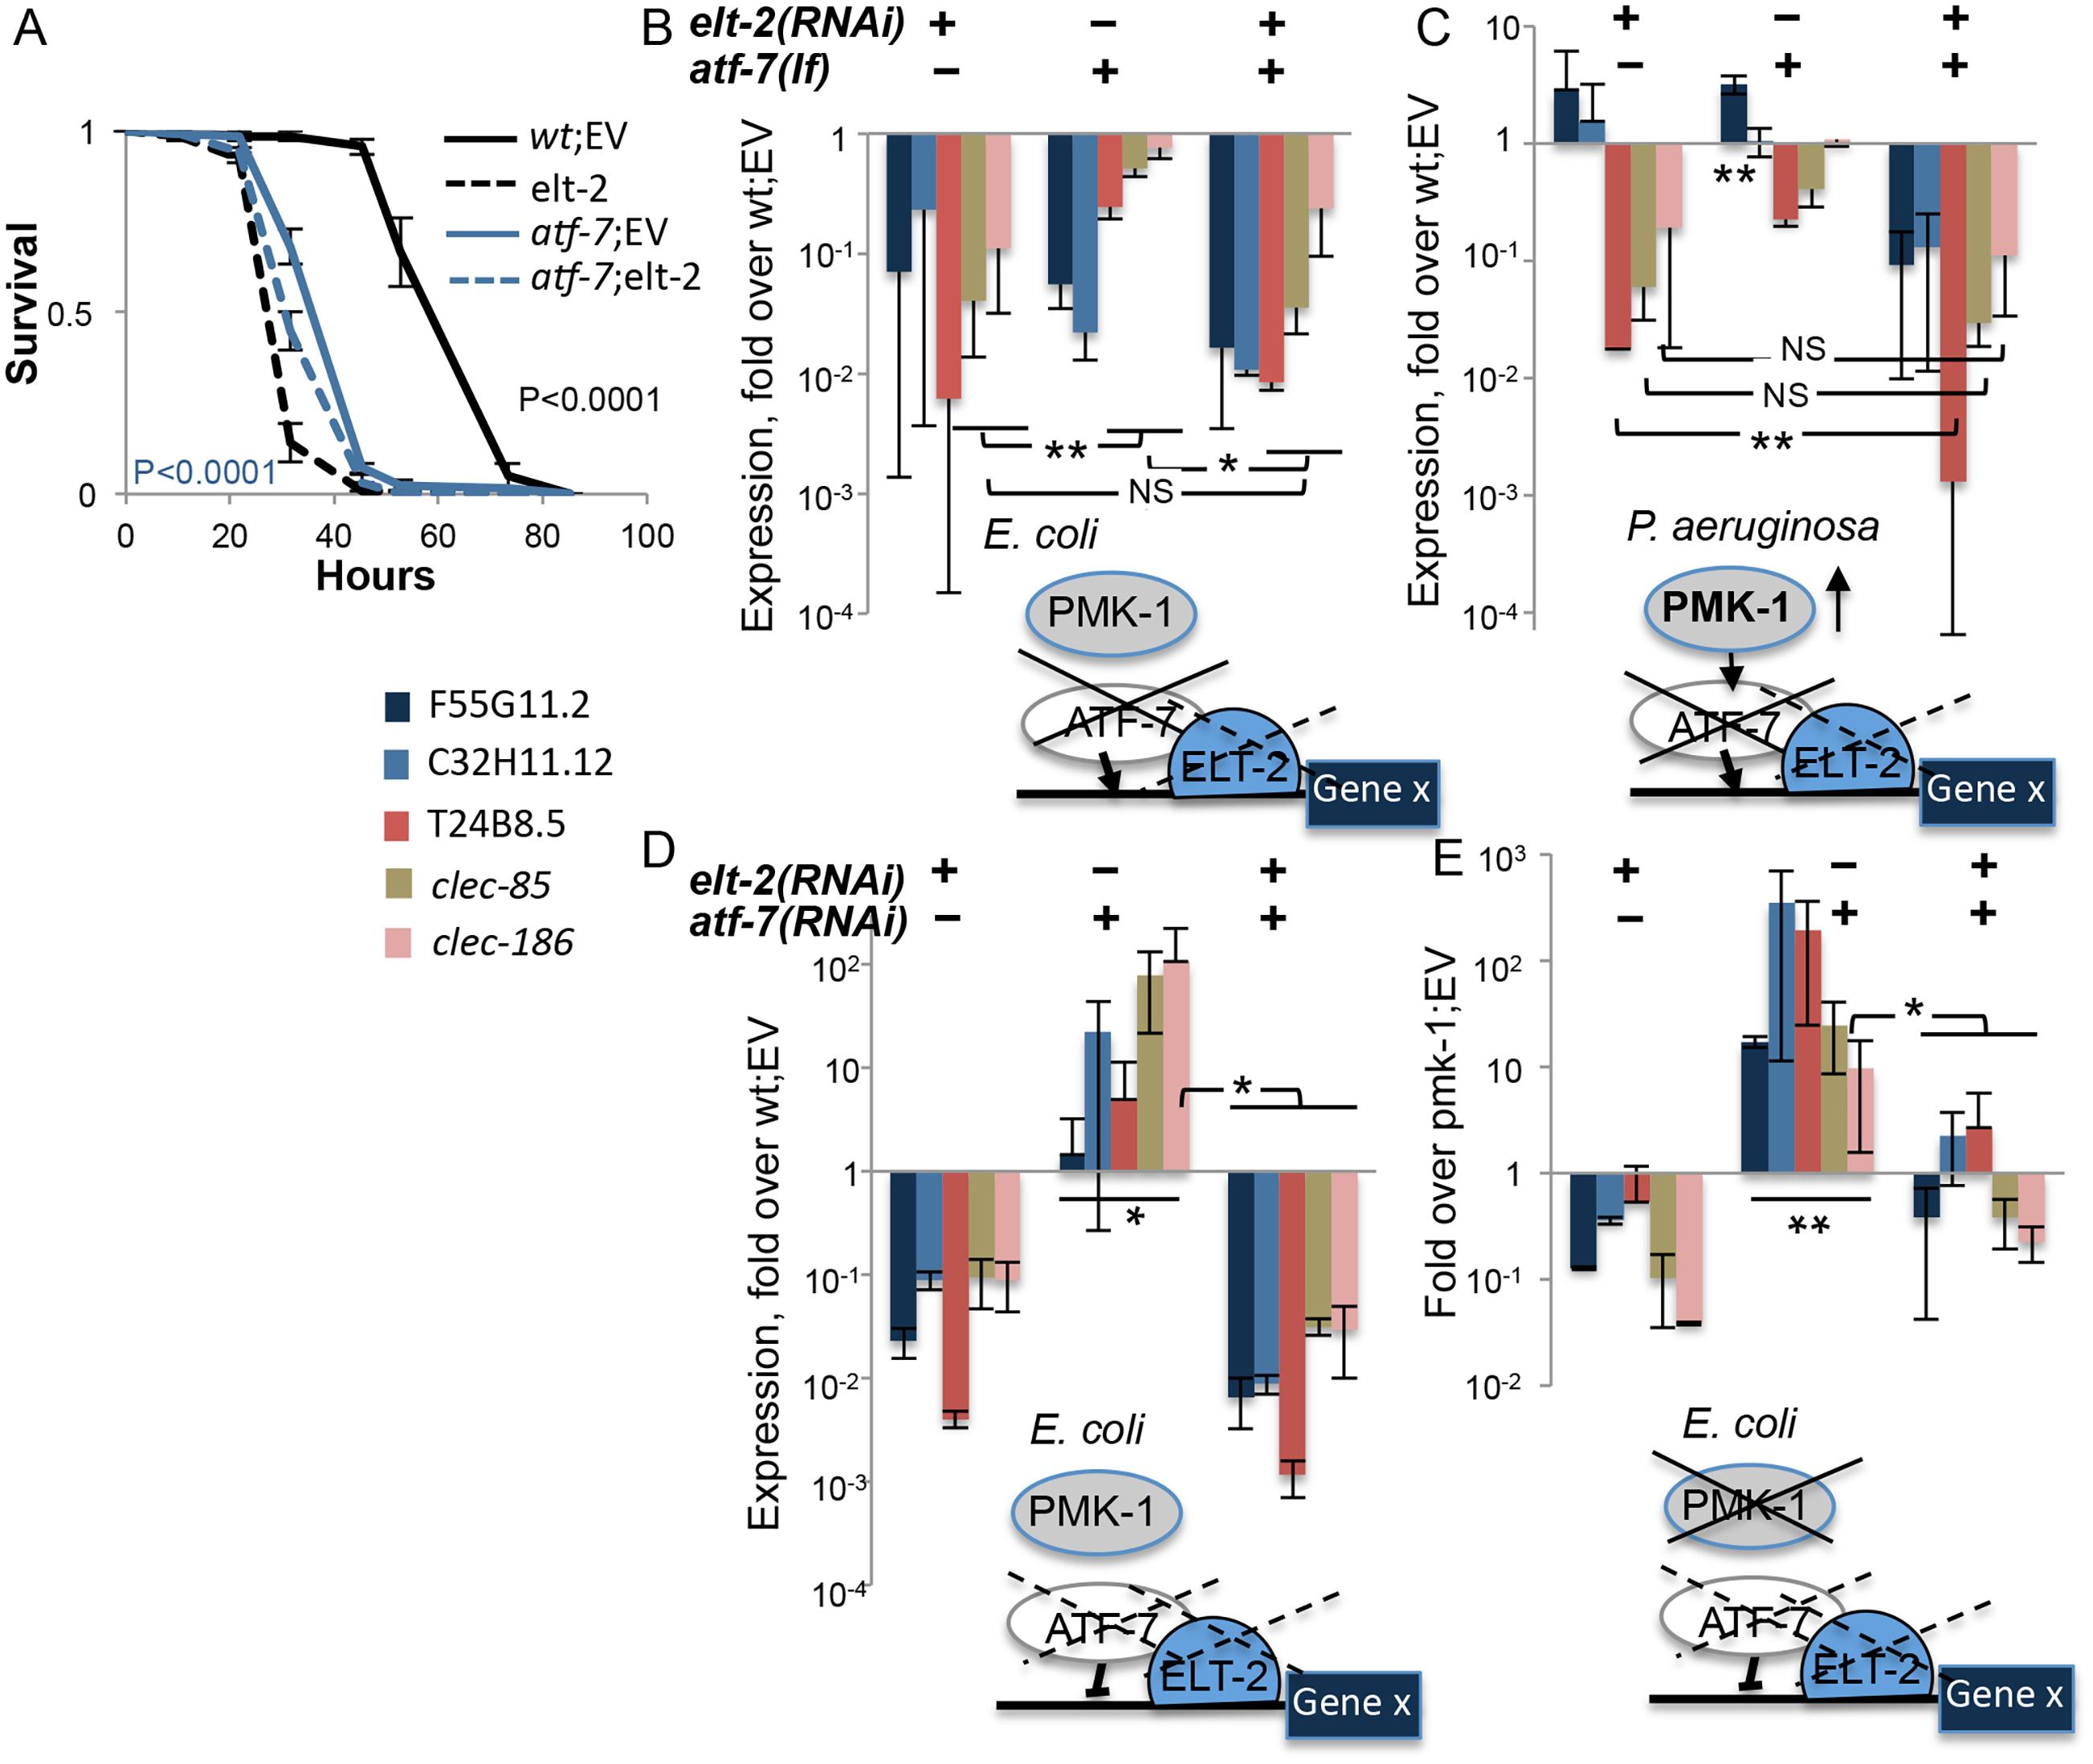 <i>elt-2</i> is essential for <i>atf-7</i>-dependent immune gene regulation.